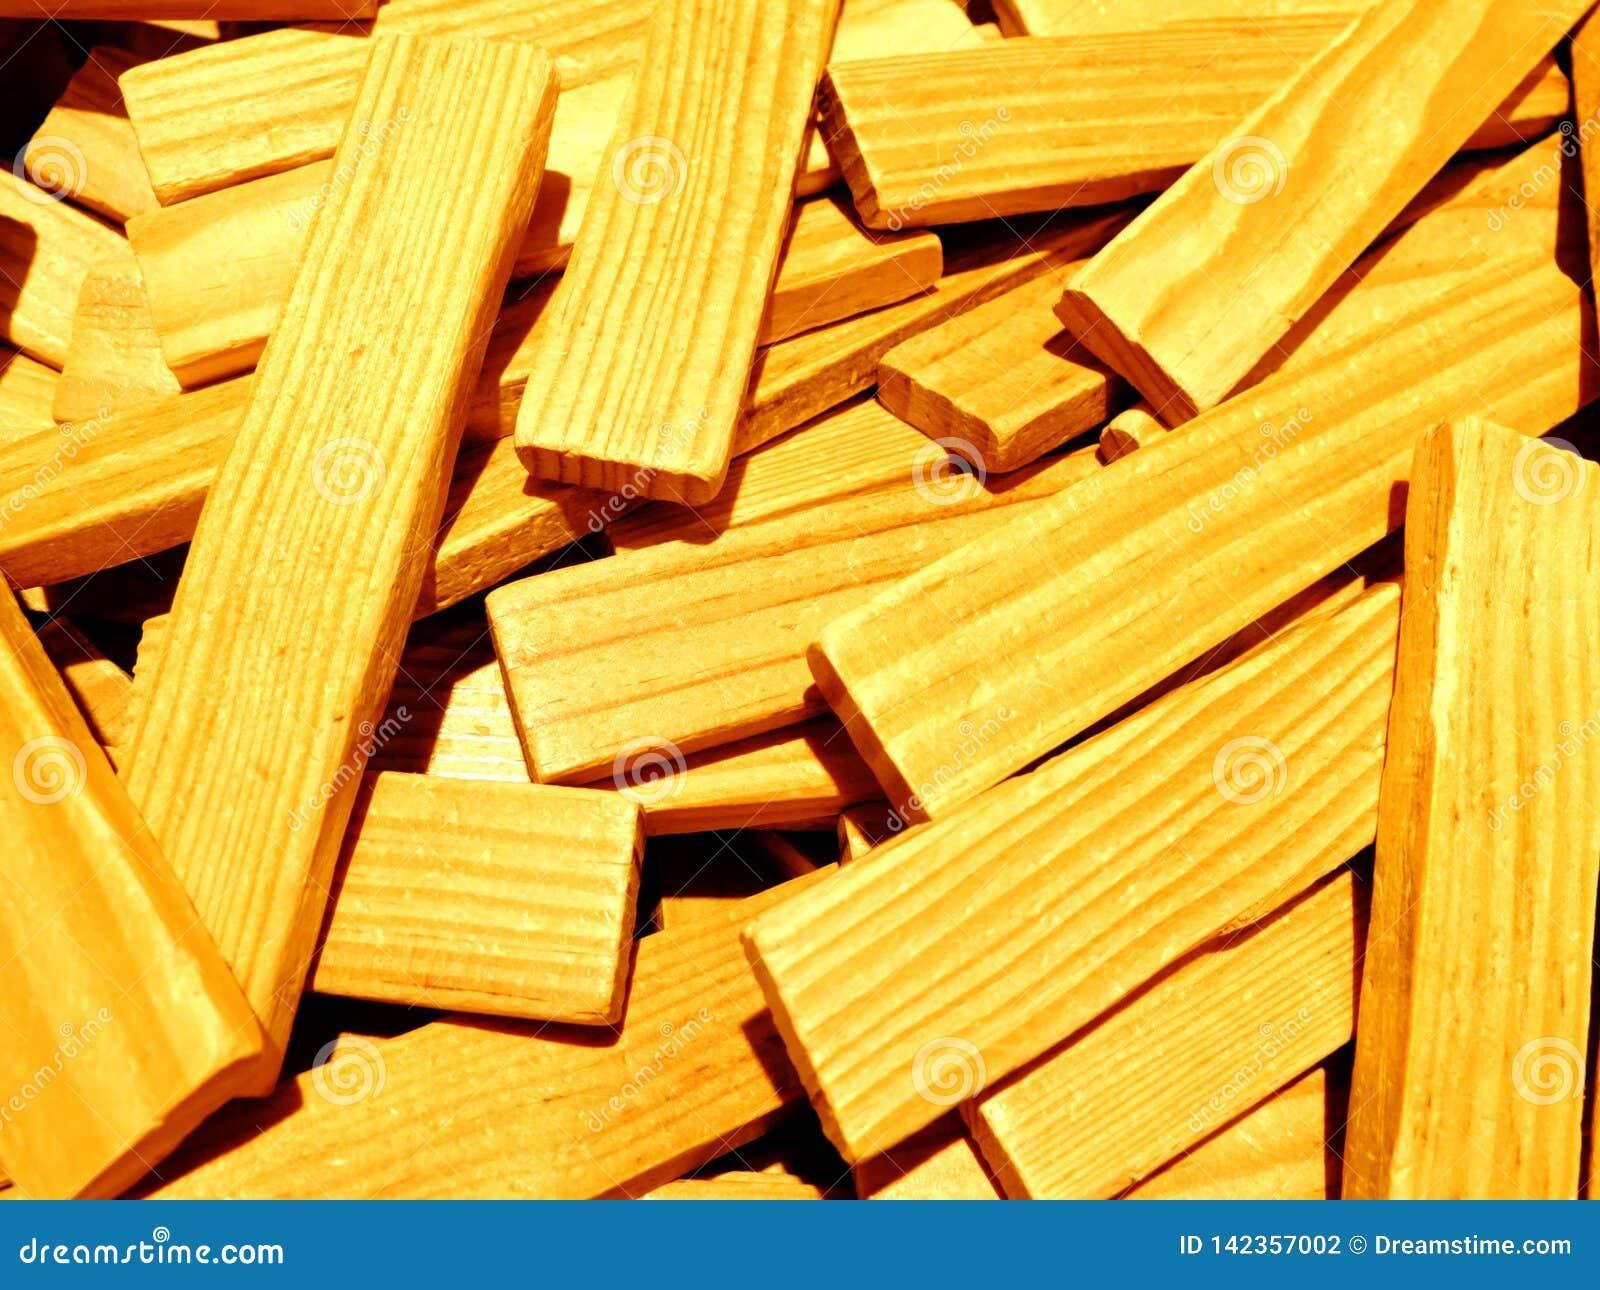 Una pila de palillos de madera que un re usado como remolque para construir edificios y otras construcciones